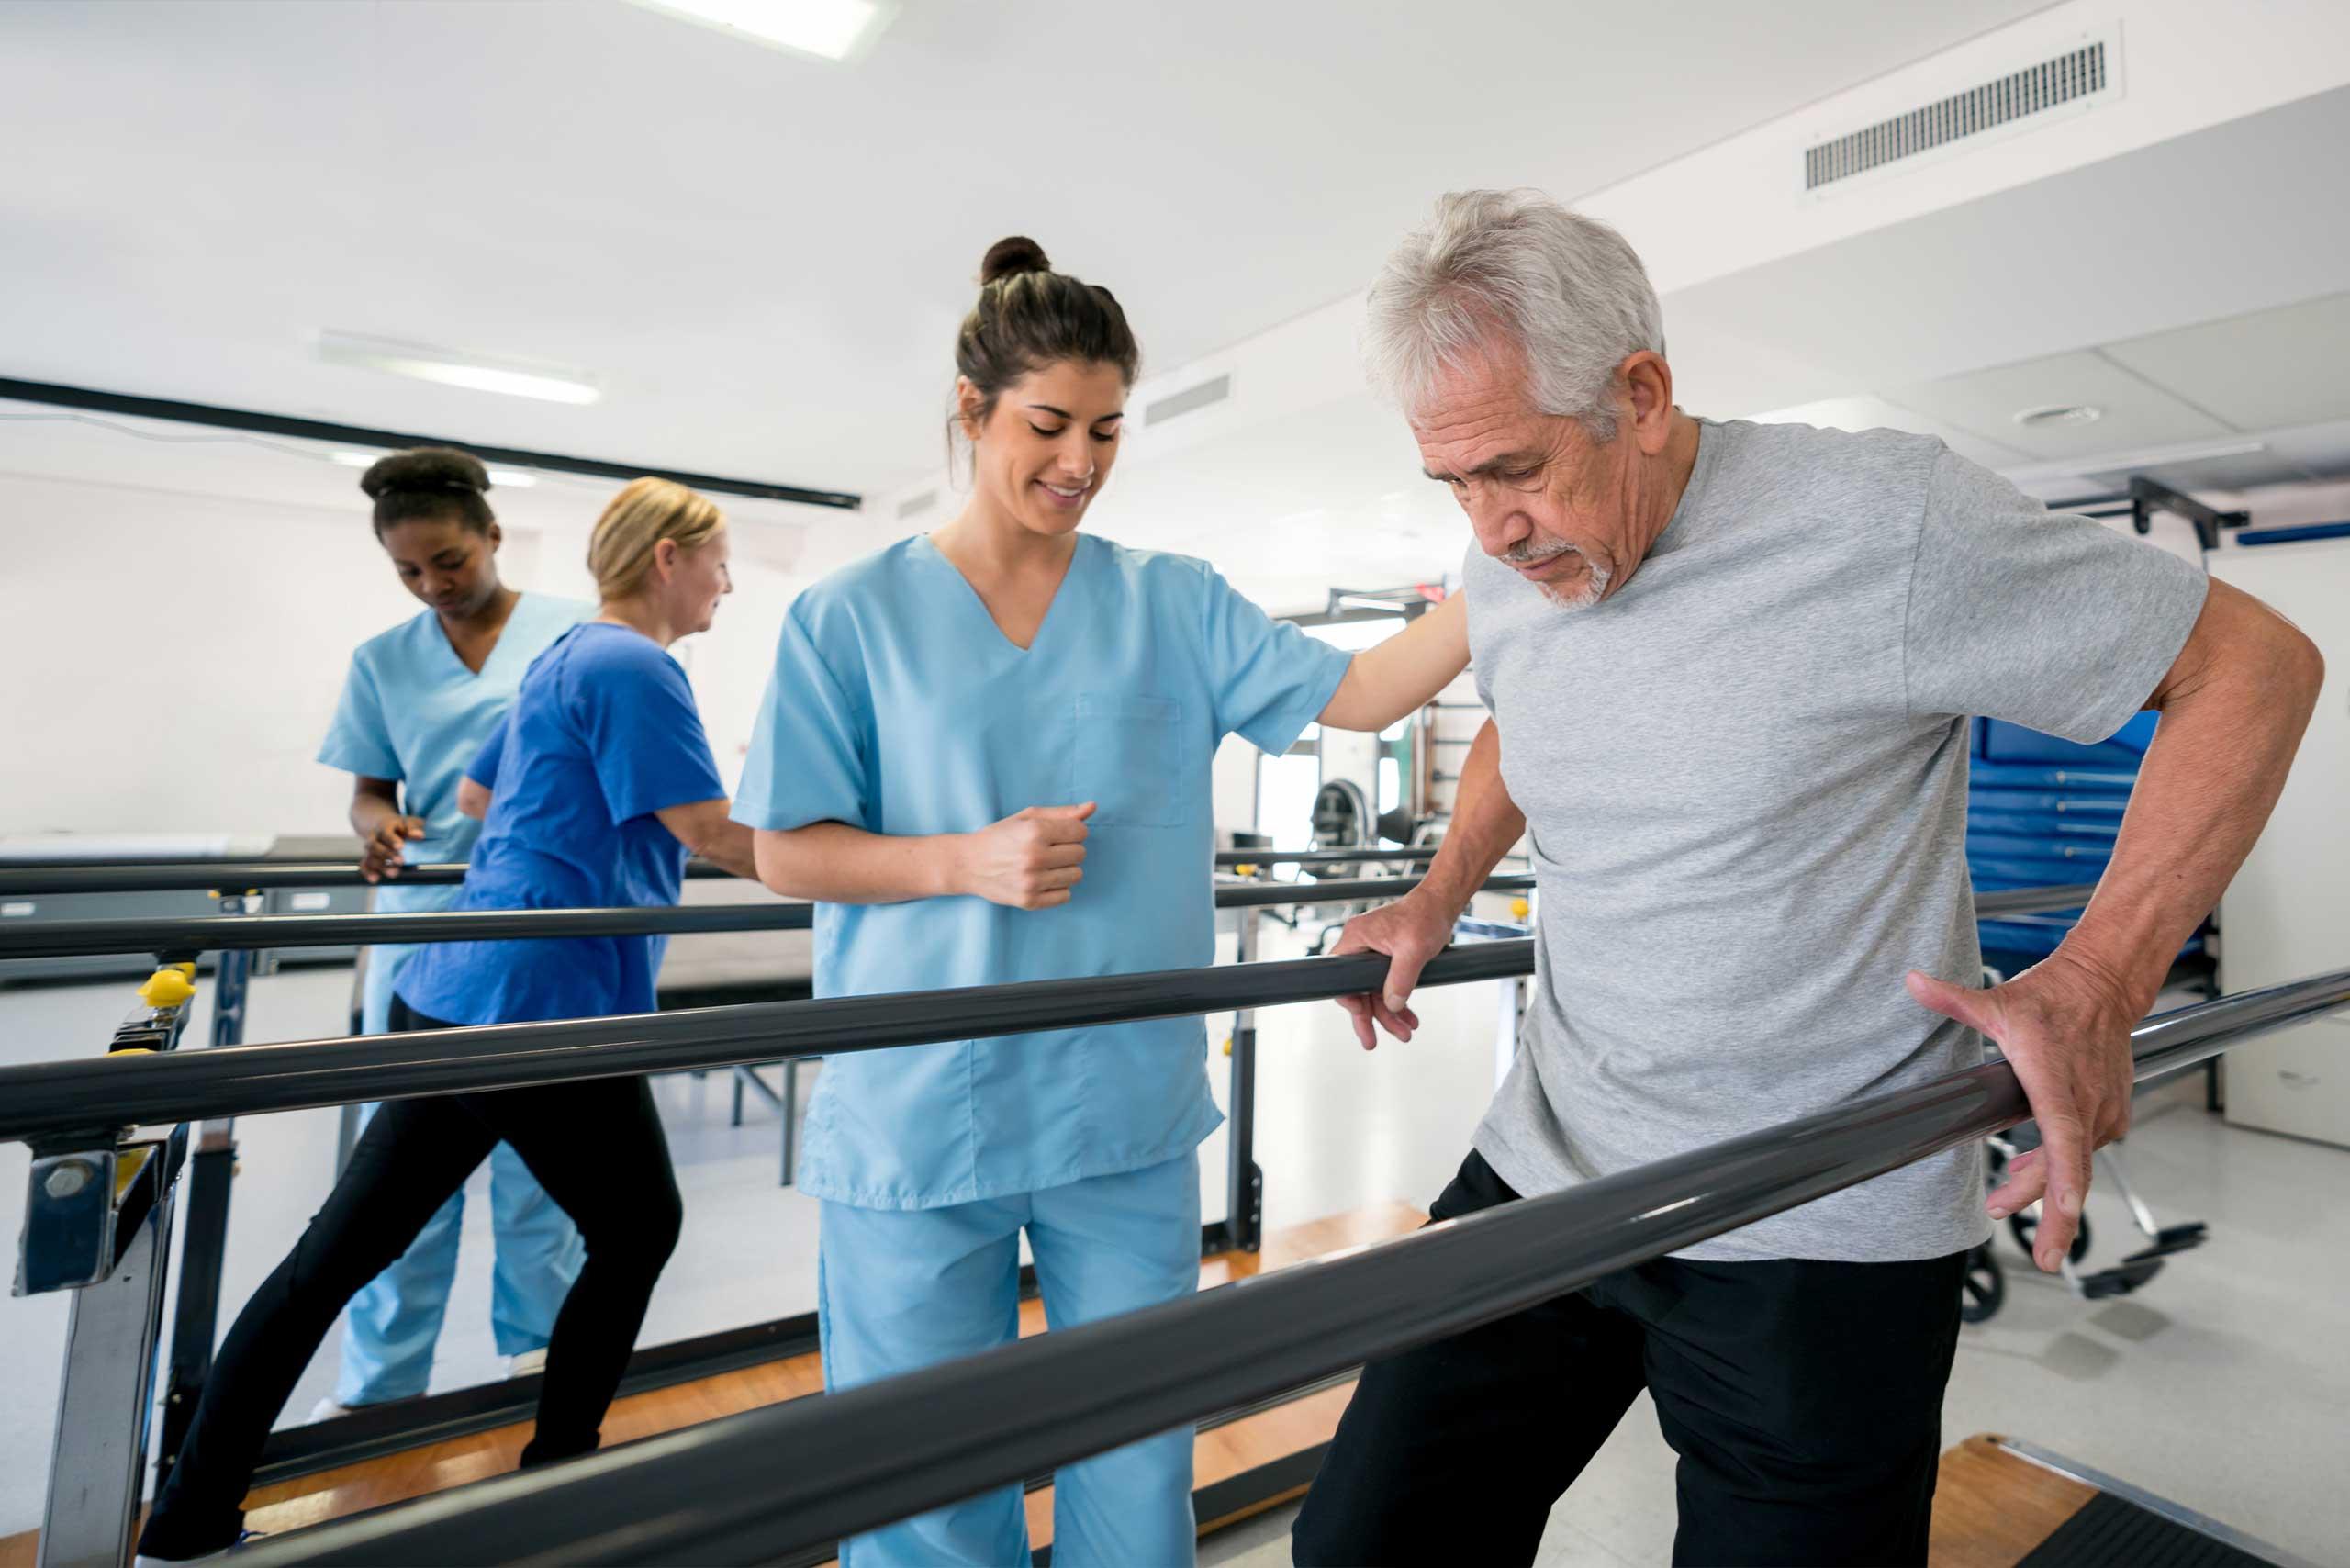 Hip Arthroscopy as Treatment for Hip Dysplasia